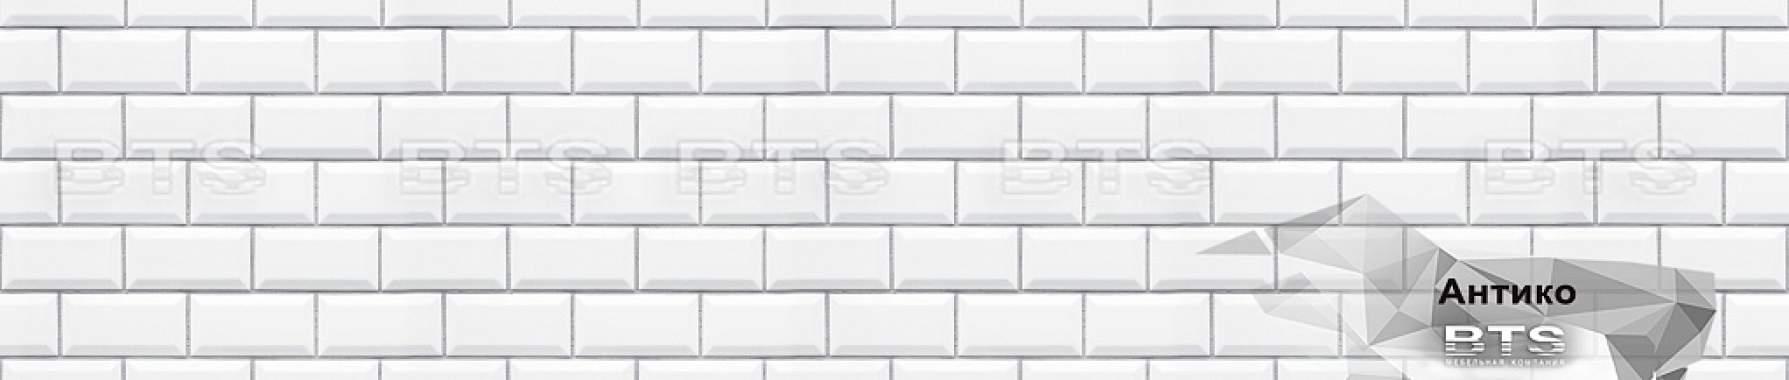 Стеновая панель BTS №3 Антико 2,8 м